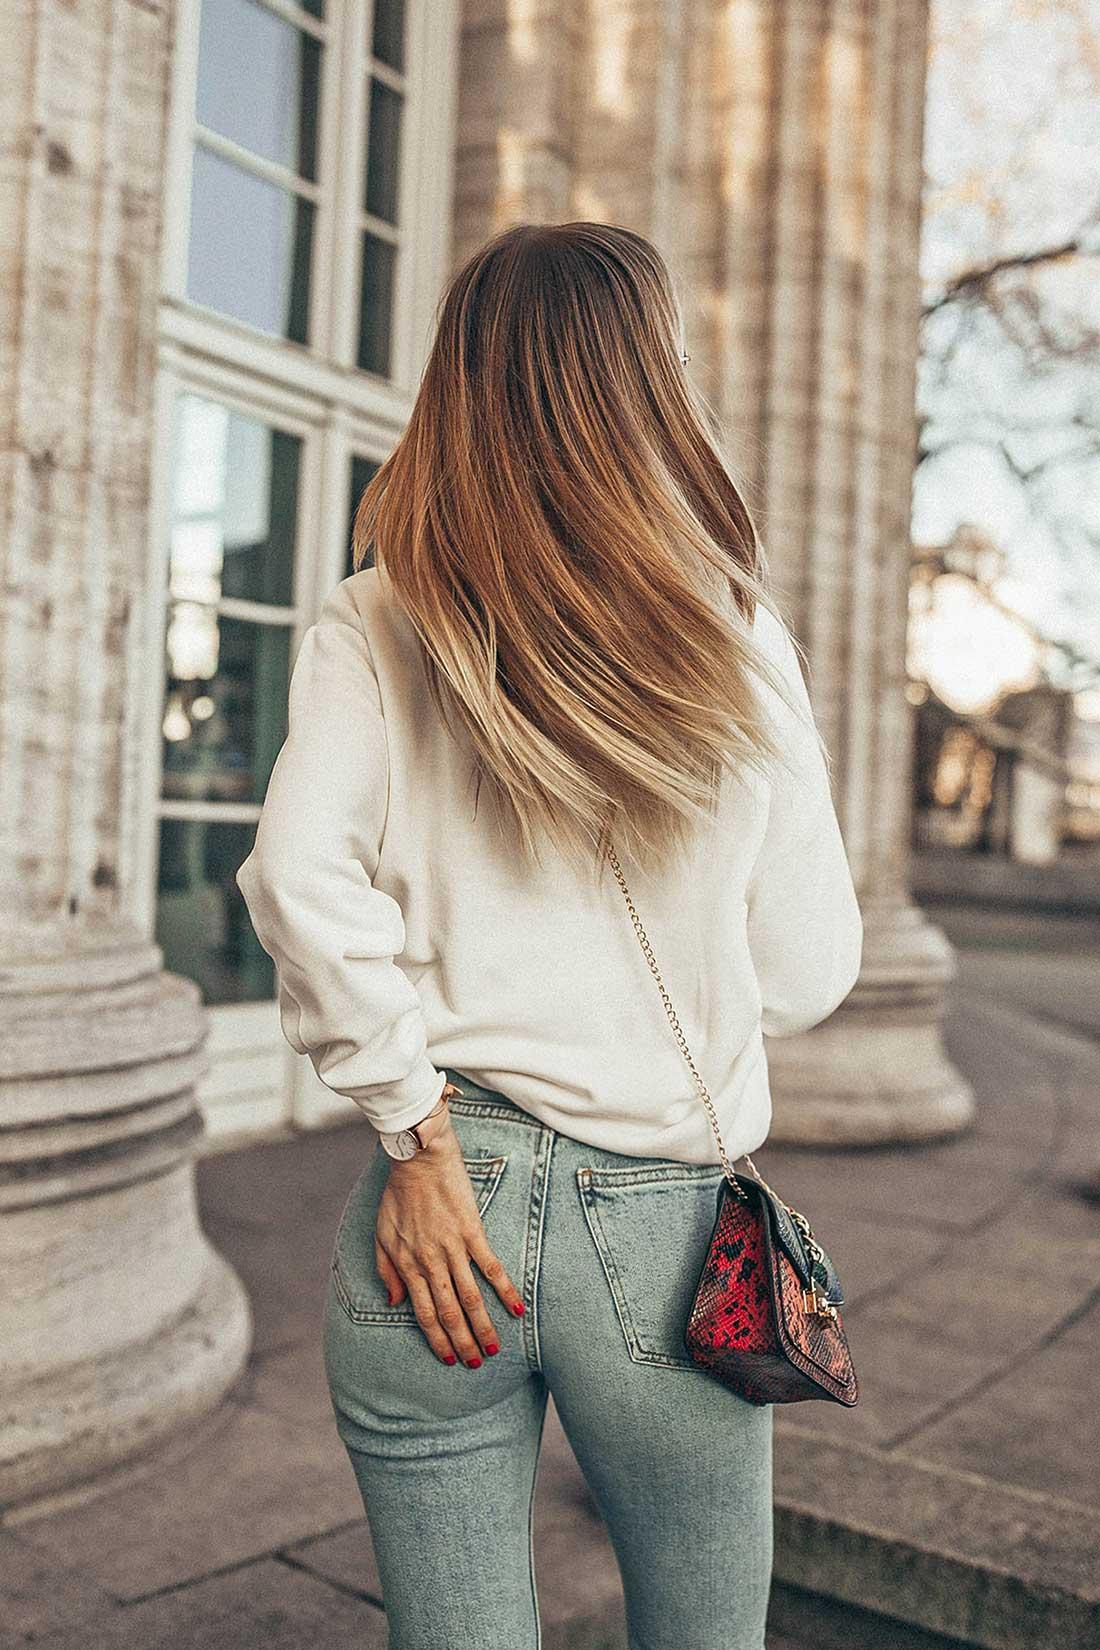 gesunde blonde haare so werden eure haare gesund und lang vicky wanka fashionblog. Black Bedroom Furniture Sets. Home Design Ideas